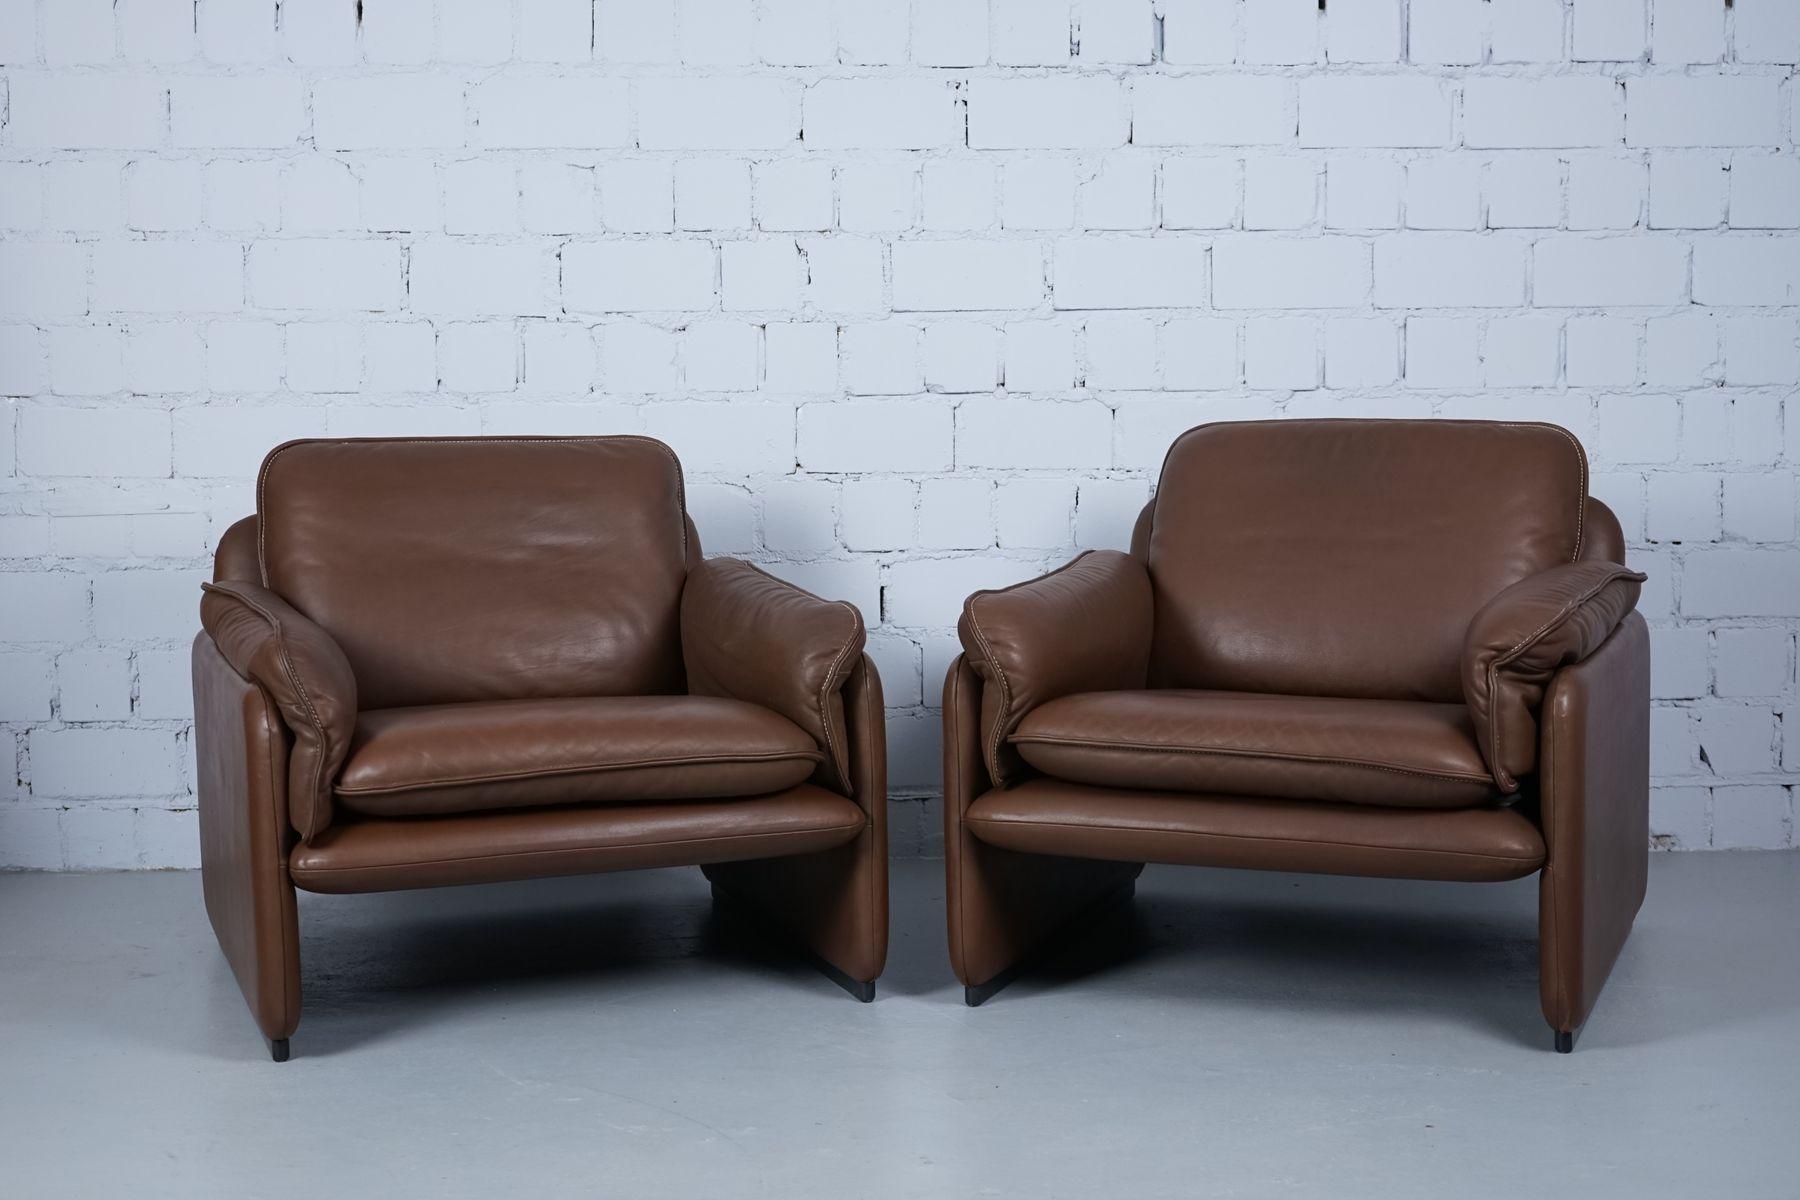 De Sede Sessel Klassiker Lounge Sessel Drehbar 33 Inspiration